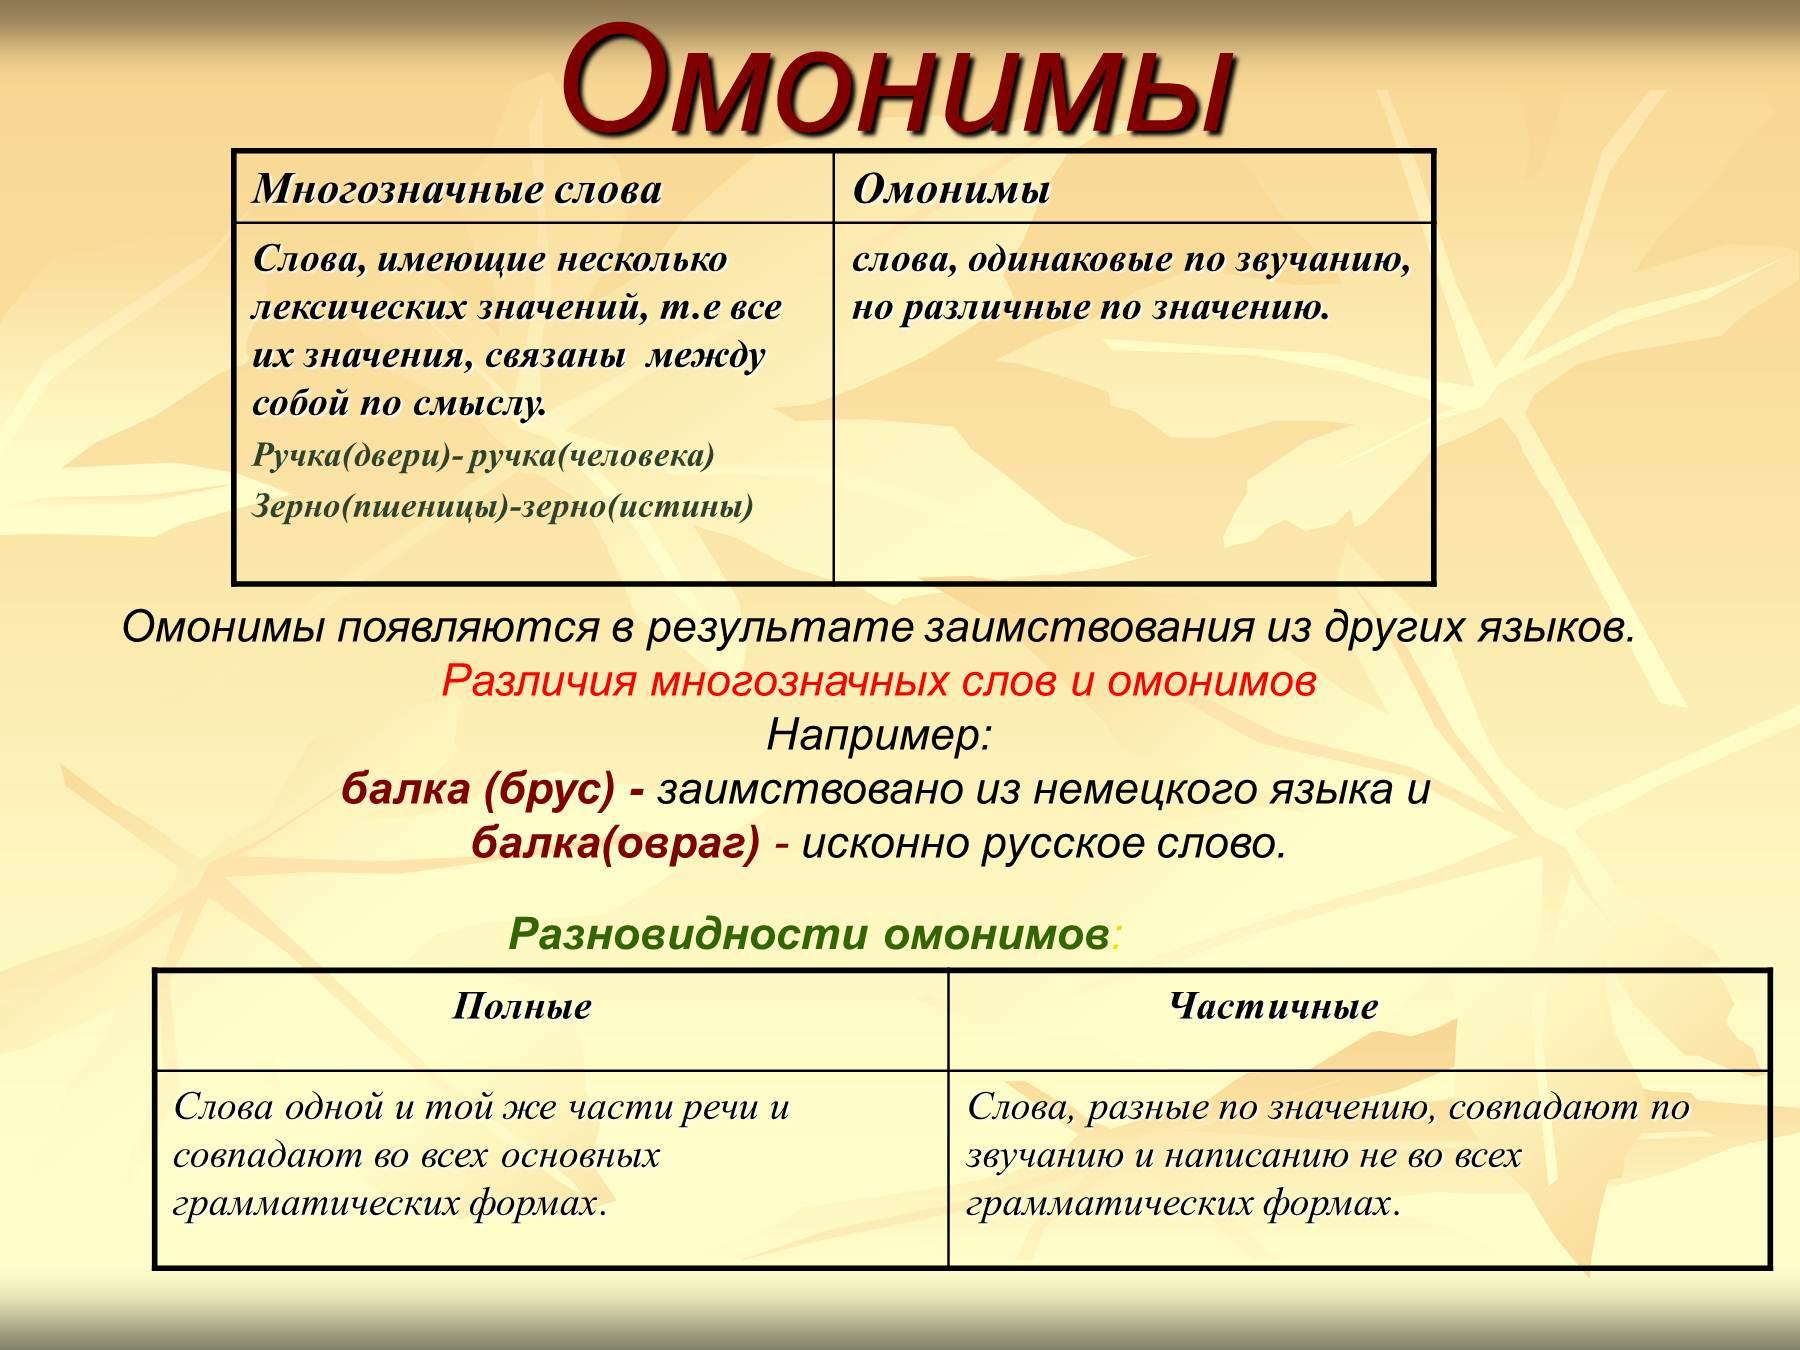 Что такое омонимы — определение и примеры слов с несколькими значениями